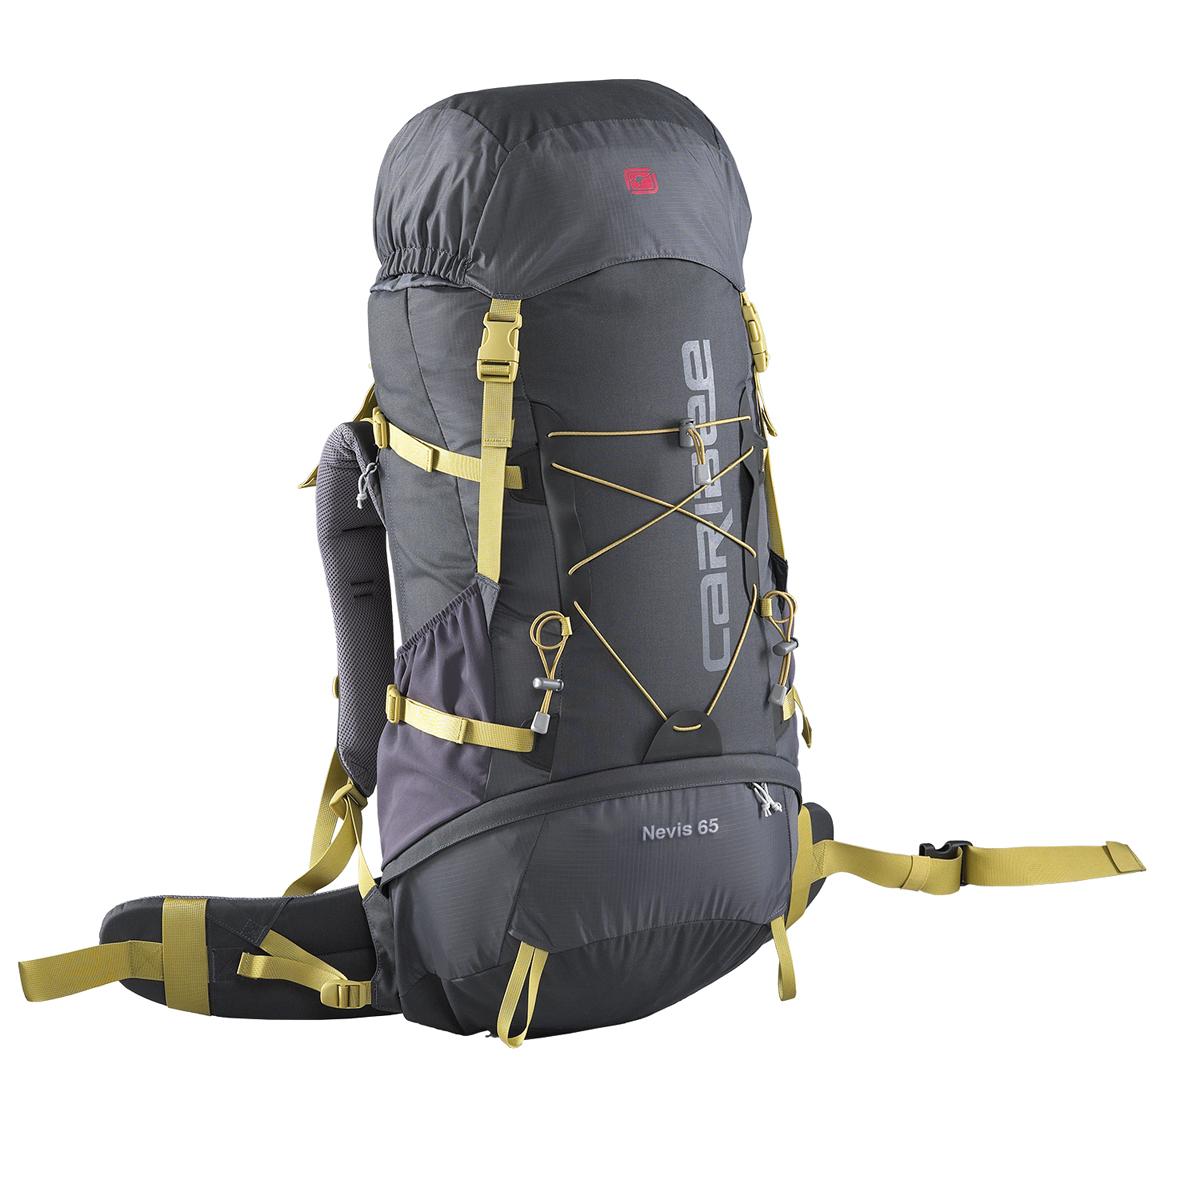 Рюкзак туристический Caribee Nevis, цвет: темно-серый, 65 л211403С рюкзаком Caribee Nevis вам под силу любой экстрим! Его высокое качество гарантирует надежность и сохранность всех вещей даже на большой высоте. Модель имеет полиуретановое покрытие и выполнена из нейлоновых тканей 500D Cordura и 210D Square Ripstop, благодаря чему рюкзак обладает высокими характеристиками для эксплуатации. Несмотря на грубое трение, материал, из которого он изготовлен, остается стойким и не рвется. Даже дождь не способен испортить его качество, так как модель не впитывает влагу. Снег, град, солнце, тепло, холод – ничто не может испортить содержимое рюкзака и его внешний вид. Пользуясь им, вы почувствуете всю прелесть экстремальных экспедиций! Характеристики: -Суперлегкая конструкция и дизайн. -Система спинки Air Flow обеспечивает комфортную посадку. -Встроенный алюминиевый каркас. -Вентилируемая спинка и поясной ремень. -Мягкий набедренный ремень с карманами на молнии. -Регулируемый по высоте верхний клапан на молнии. -Карман для карты. -Компрессионные стропы. -Боковые карманы для бутылок. -Встроенный чехол от дождя. -Отсек первой помощи. -Отделение для питьевой системы. Объем: 65 л. Размер: 80 х 32 x 25 см.